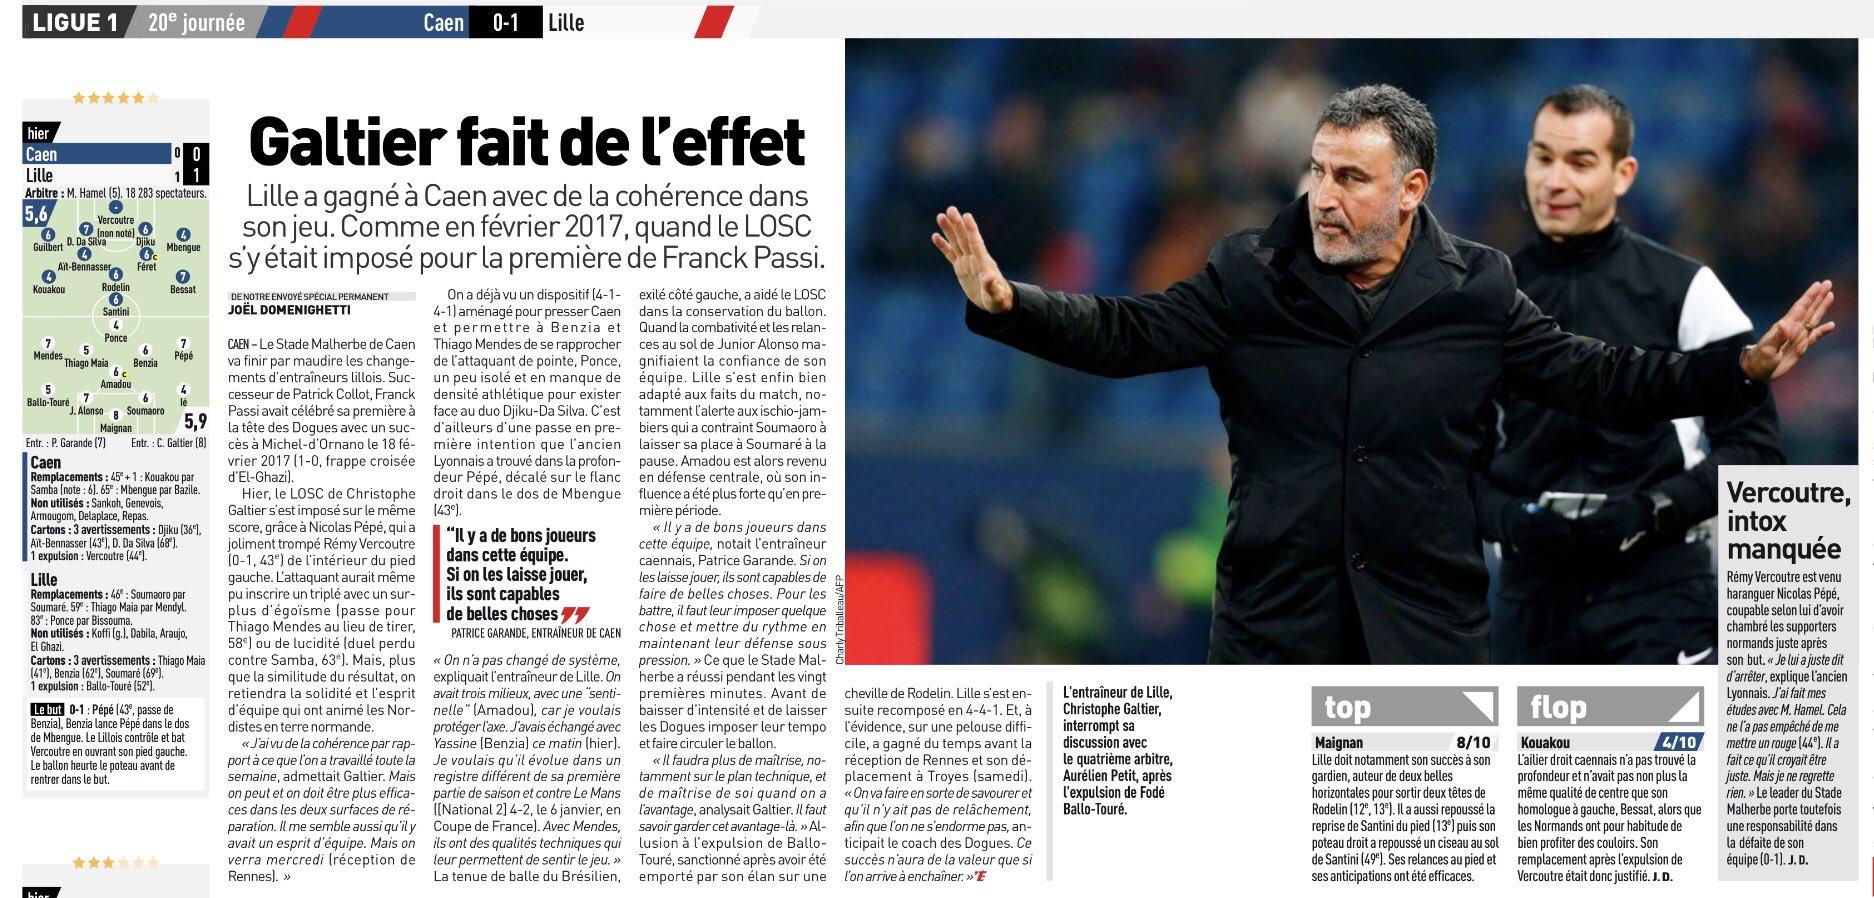 [20e journée de L1] SM Caen 0-1 Lille OSC DTdXN8sWsAIfLZe